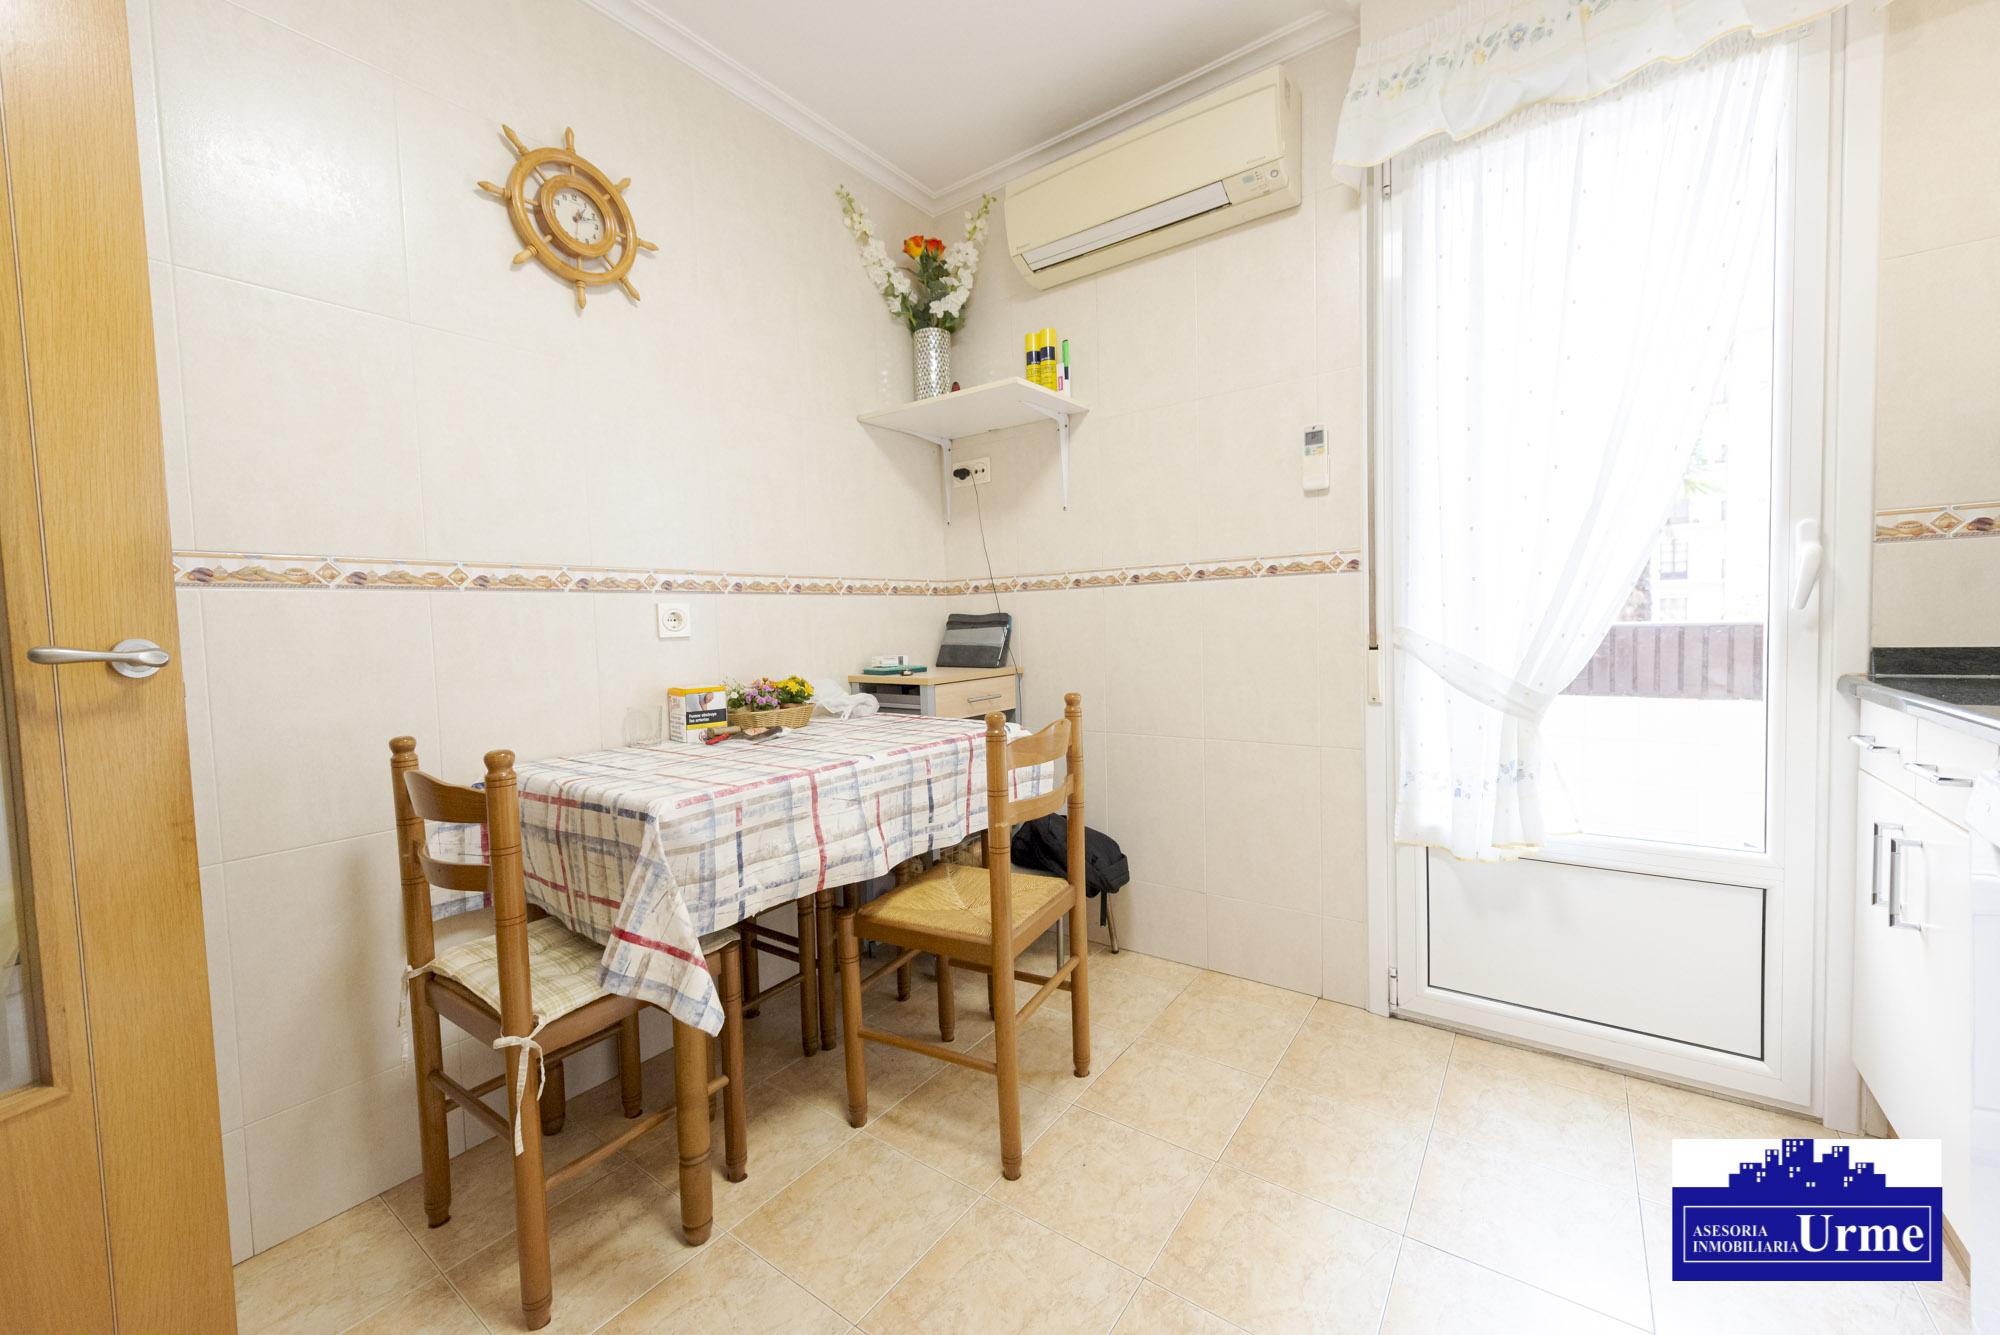 San Miguel, exterior, 3 habitaciones, salon,cocina y baño.Ascensor.Calefaccion a gas.Pintura lisa.Para entrar, informate!!!